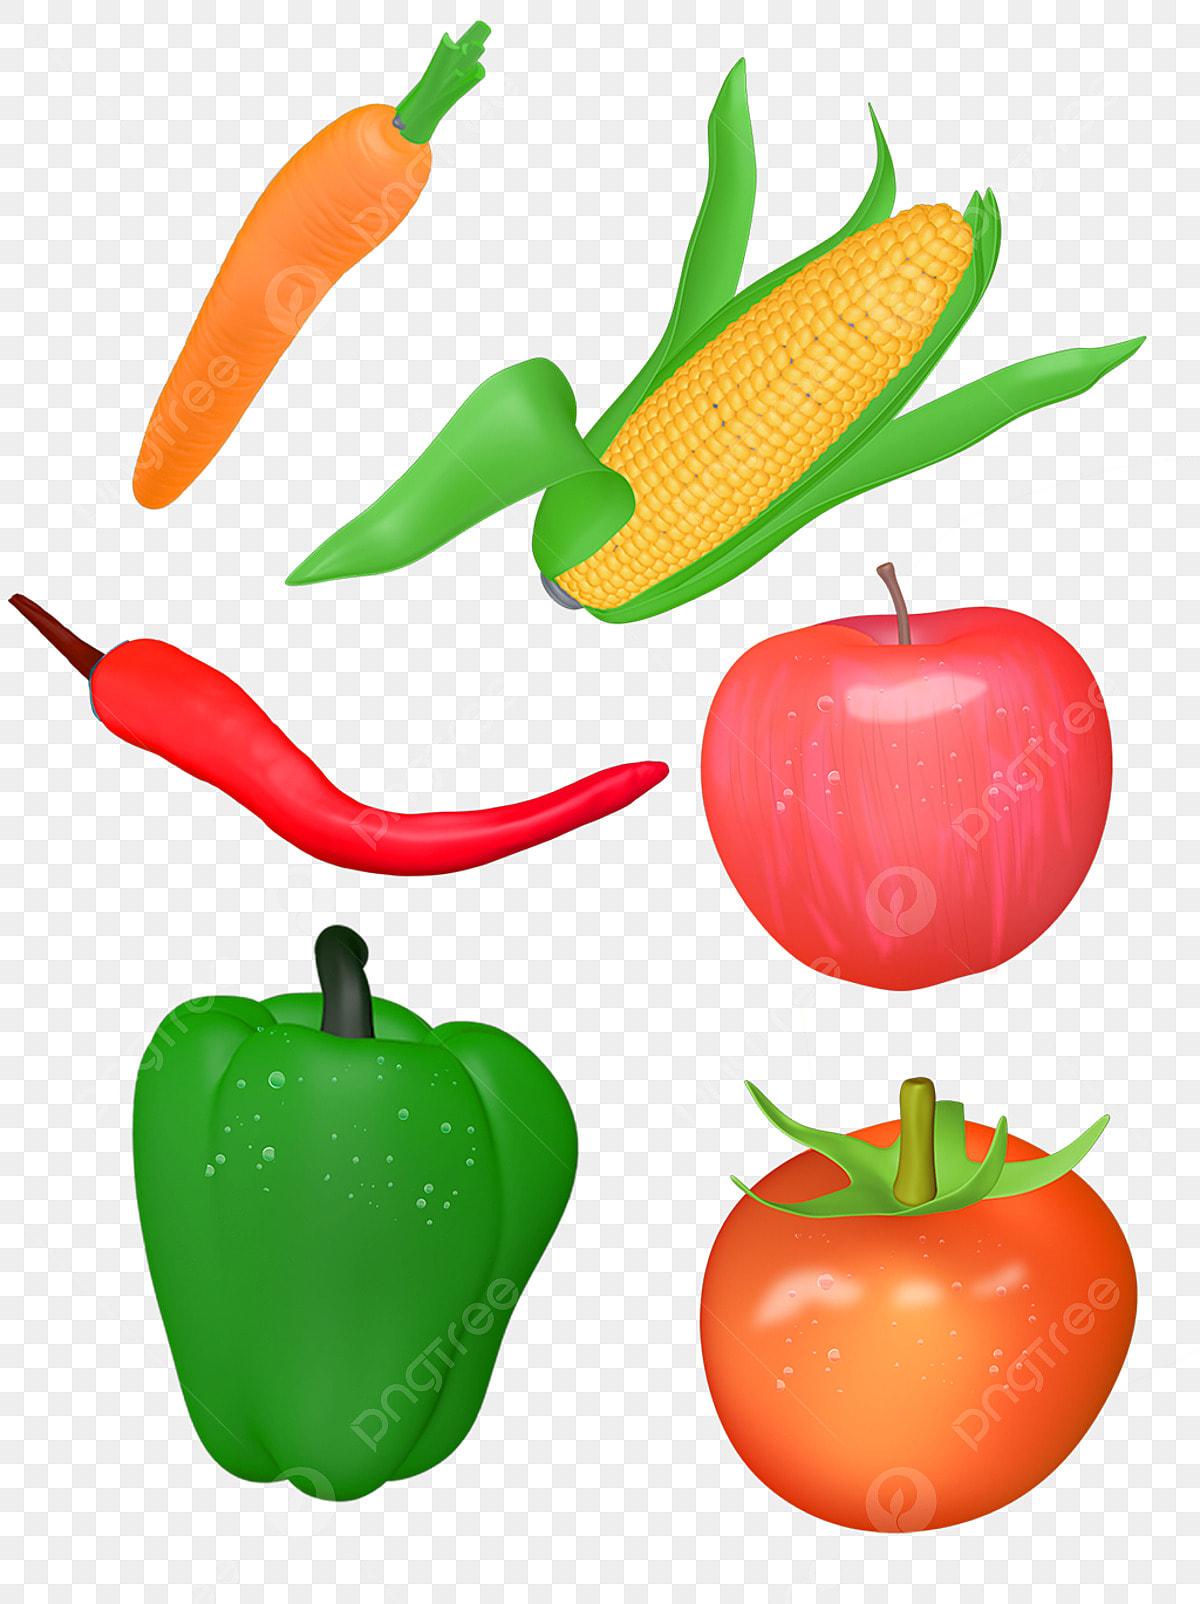 Sayuran Kartun Sayur Sayuran Lobak Jagung, Sayuran Kartun, Jagung